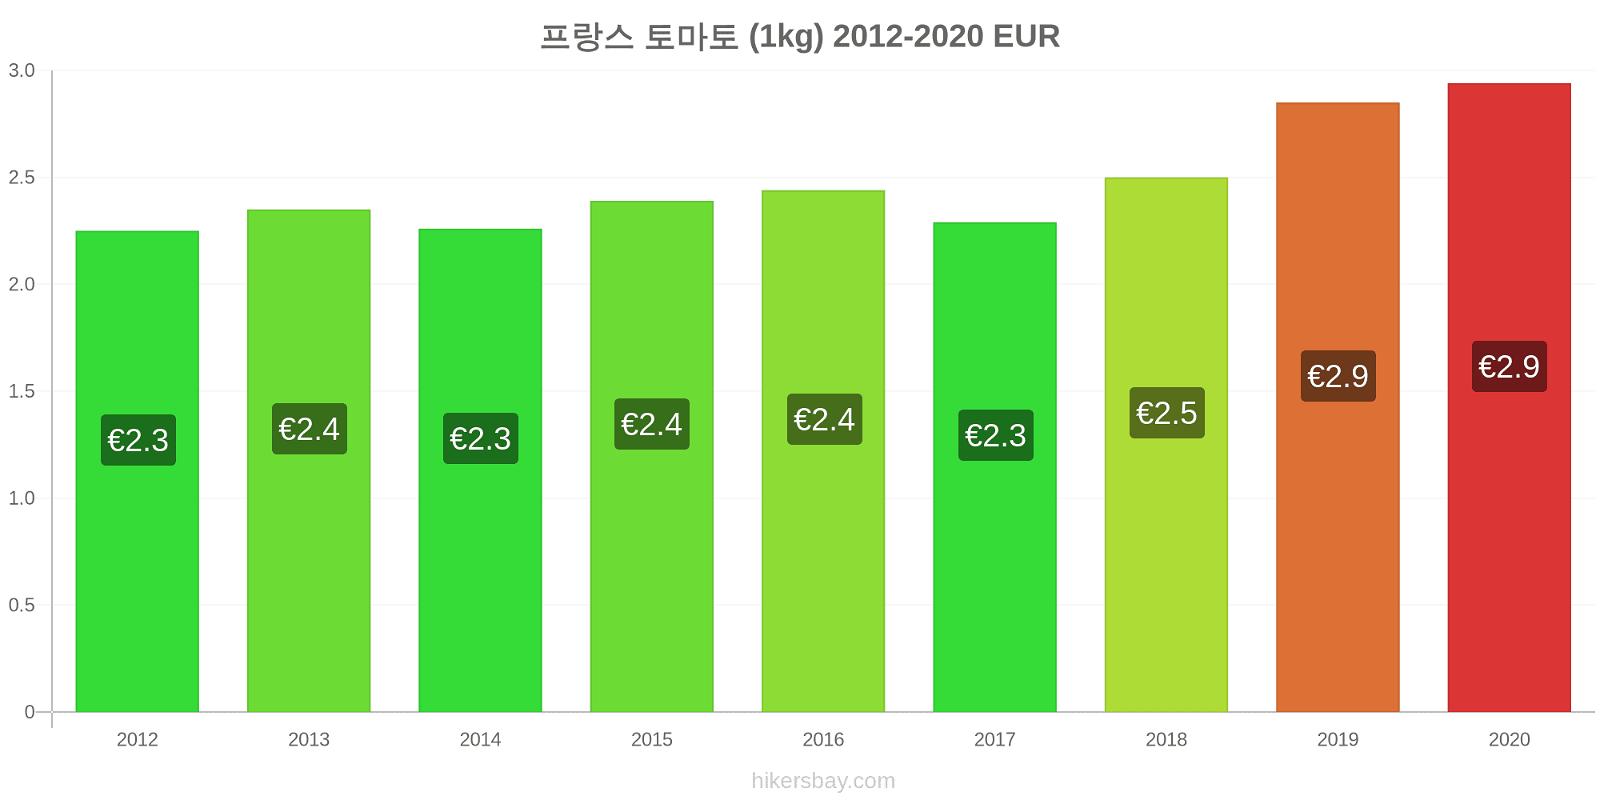 프랑스 가격 변경 토마토 (1kg) hikersbay.com